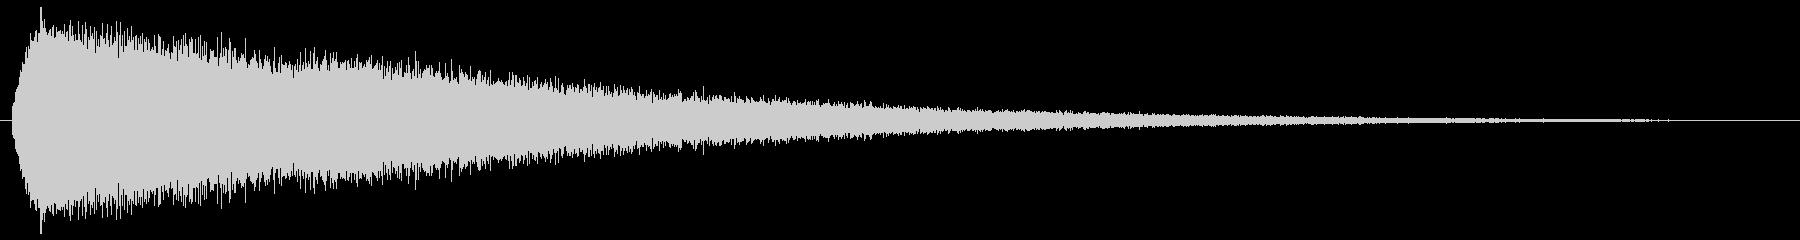 消滅 倒すノイジー(パーン+シューン)の未再生の波形